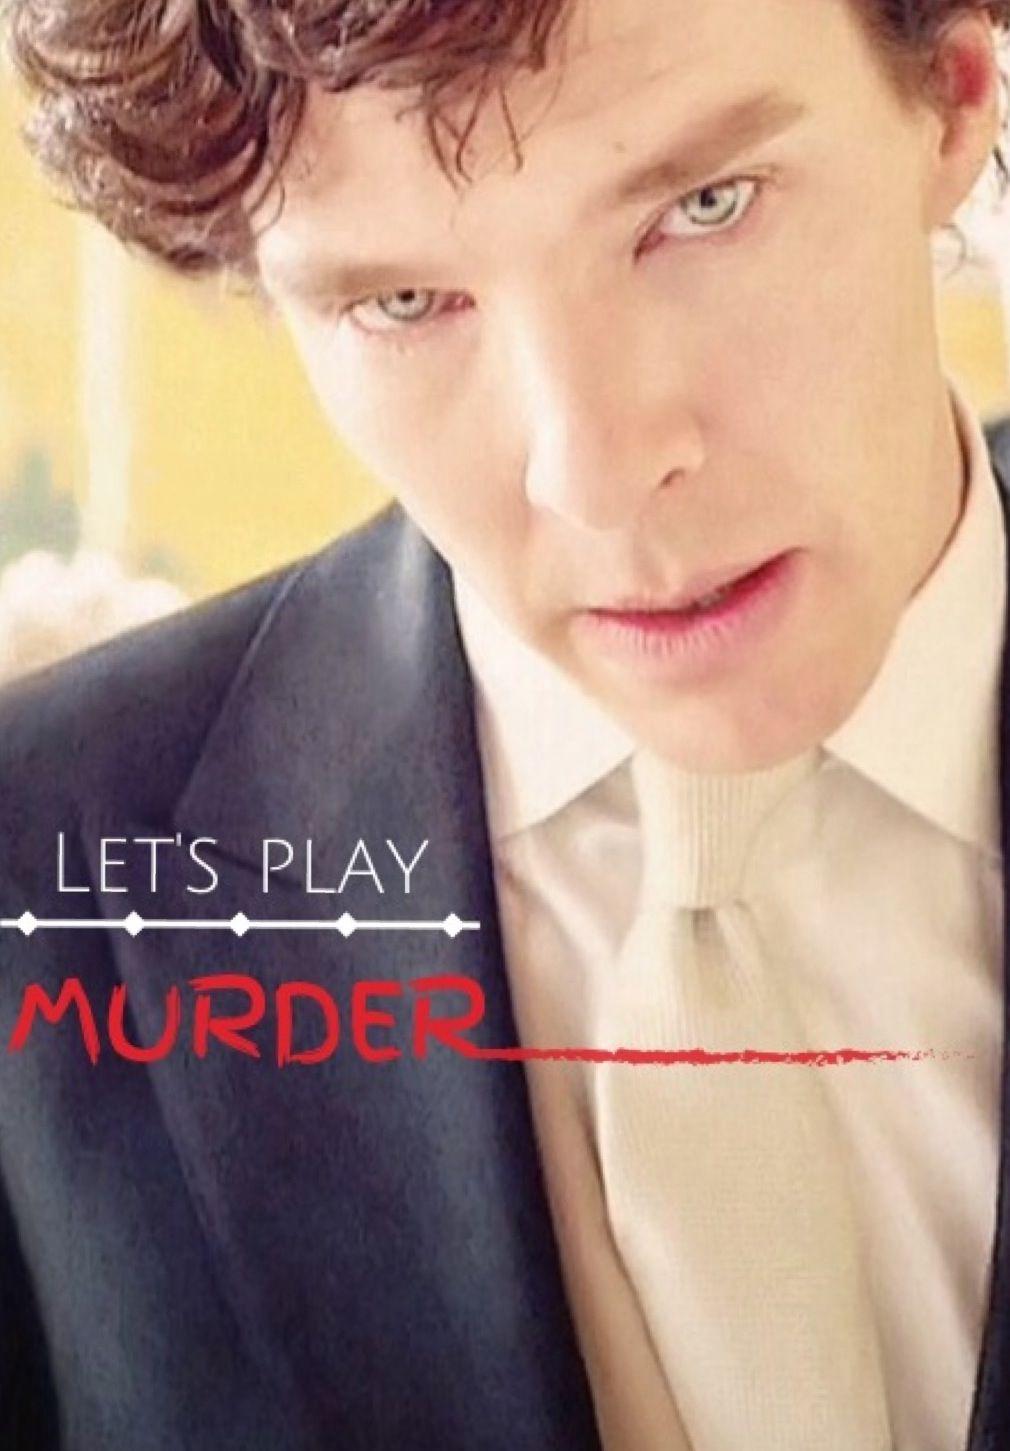 Lets play murder - Chapter 1 | Gute serien, Serien und Film